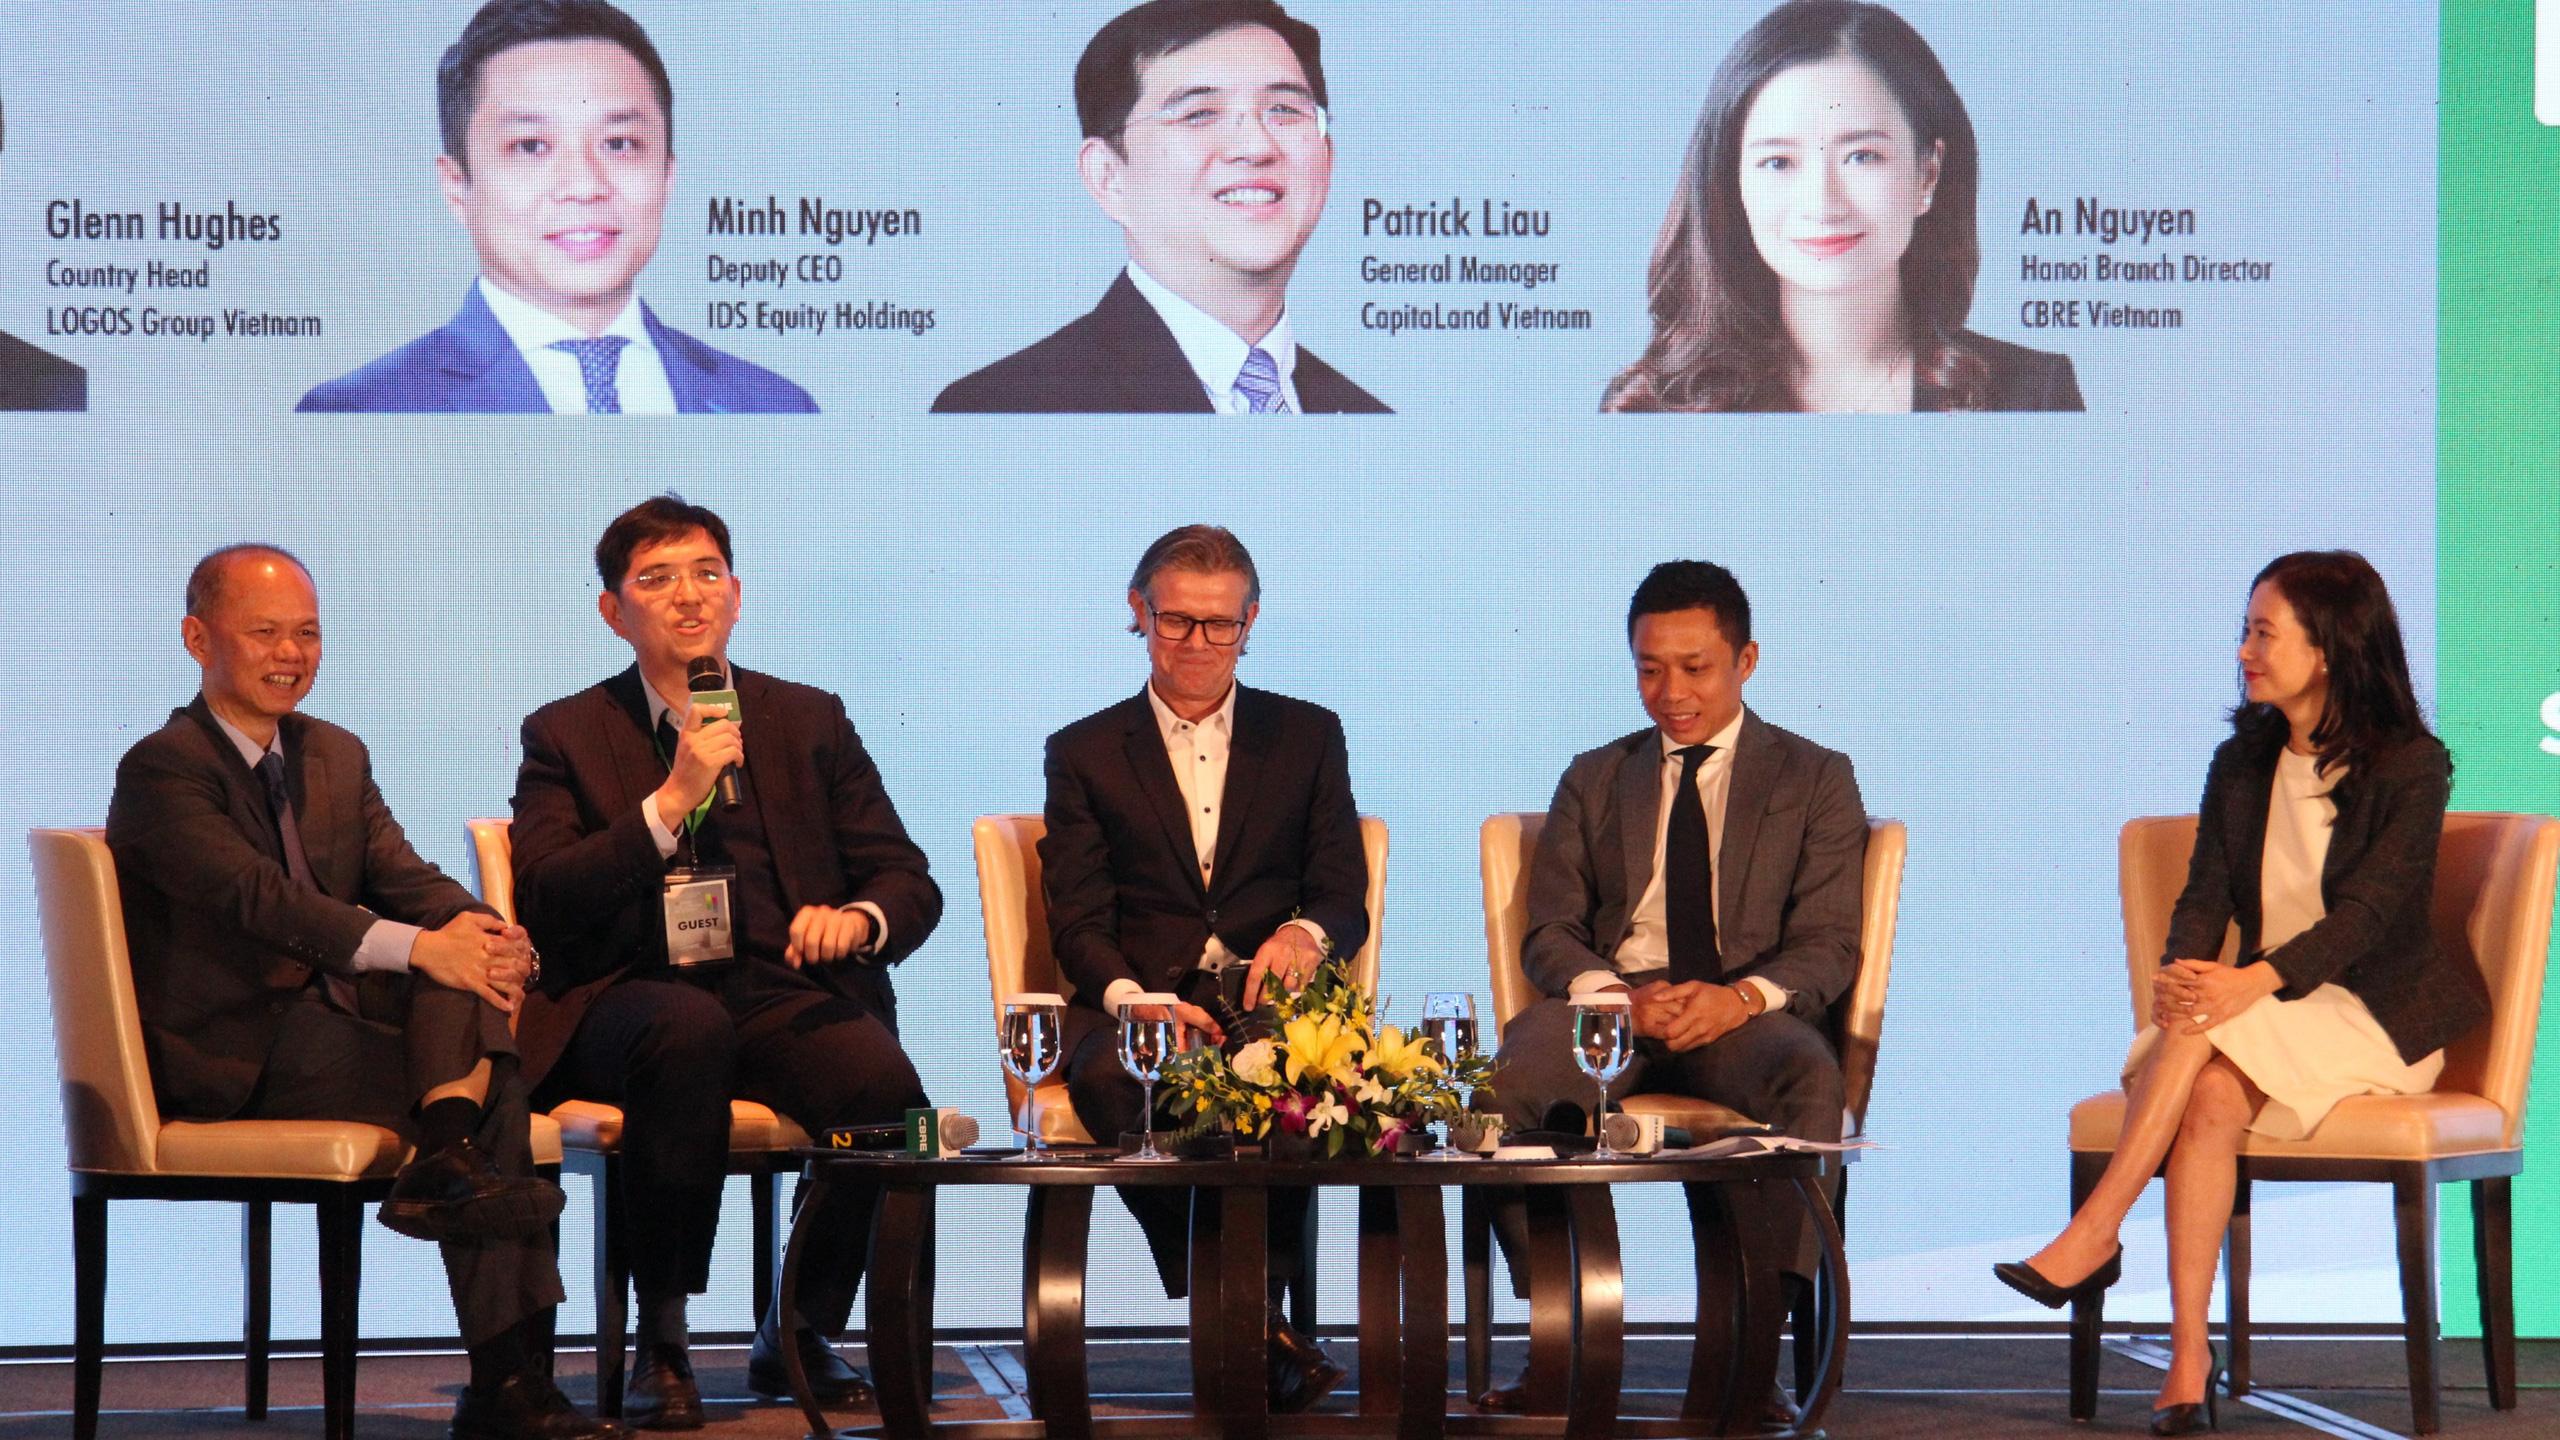 Thị trường văn phòng Hà Nội sẽ thay đổi ra sao trong thời gian tới? - Ảnh 3.